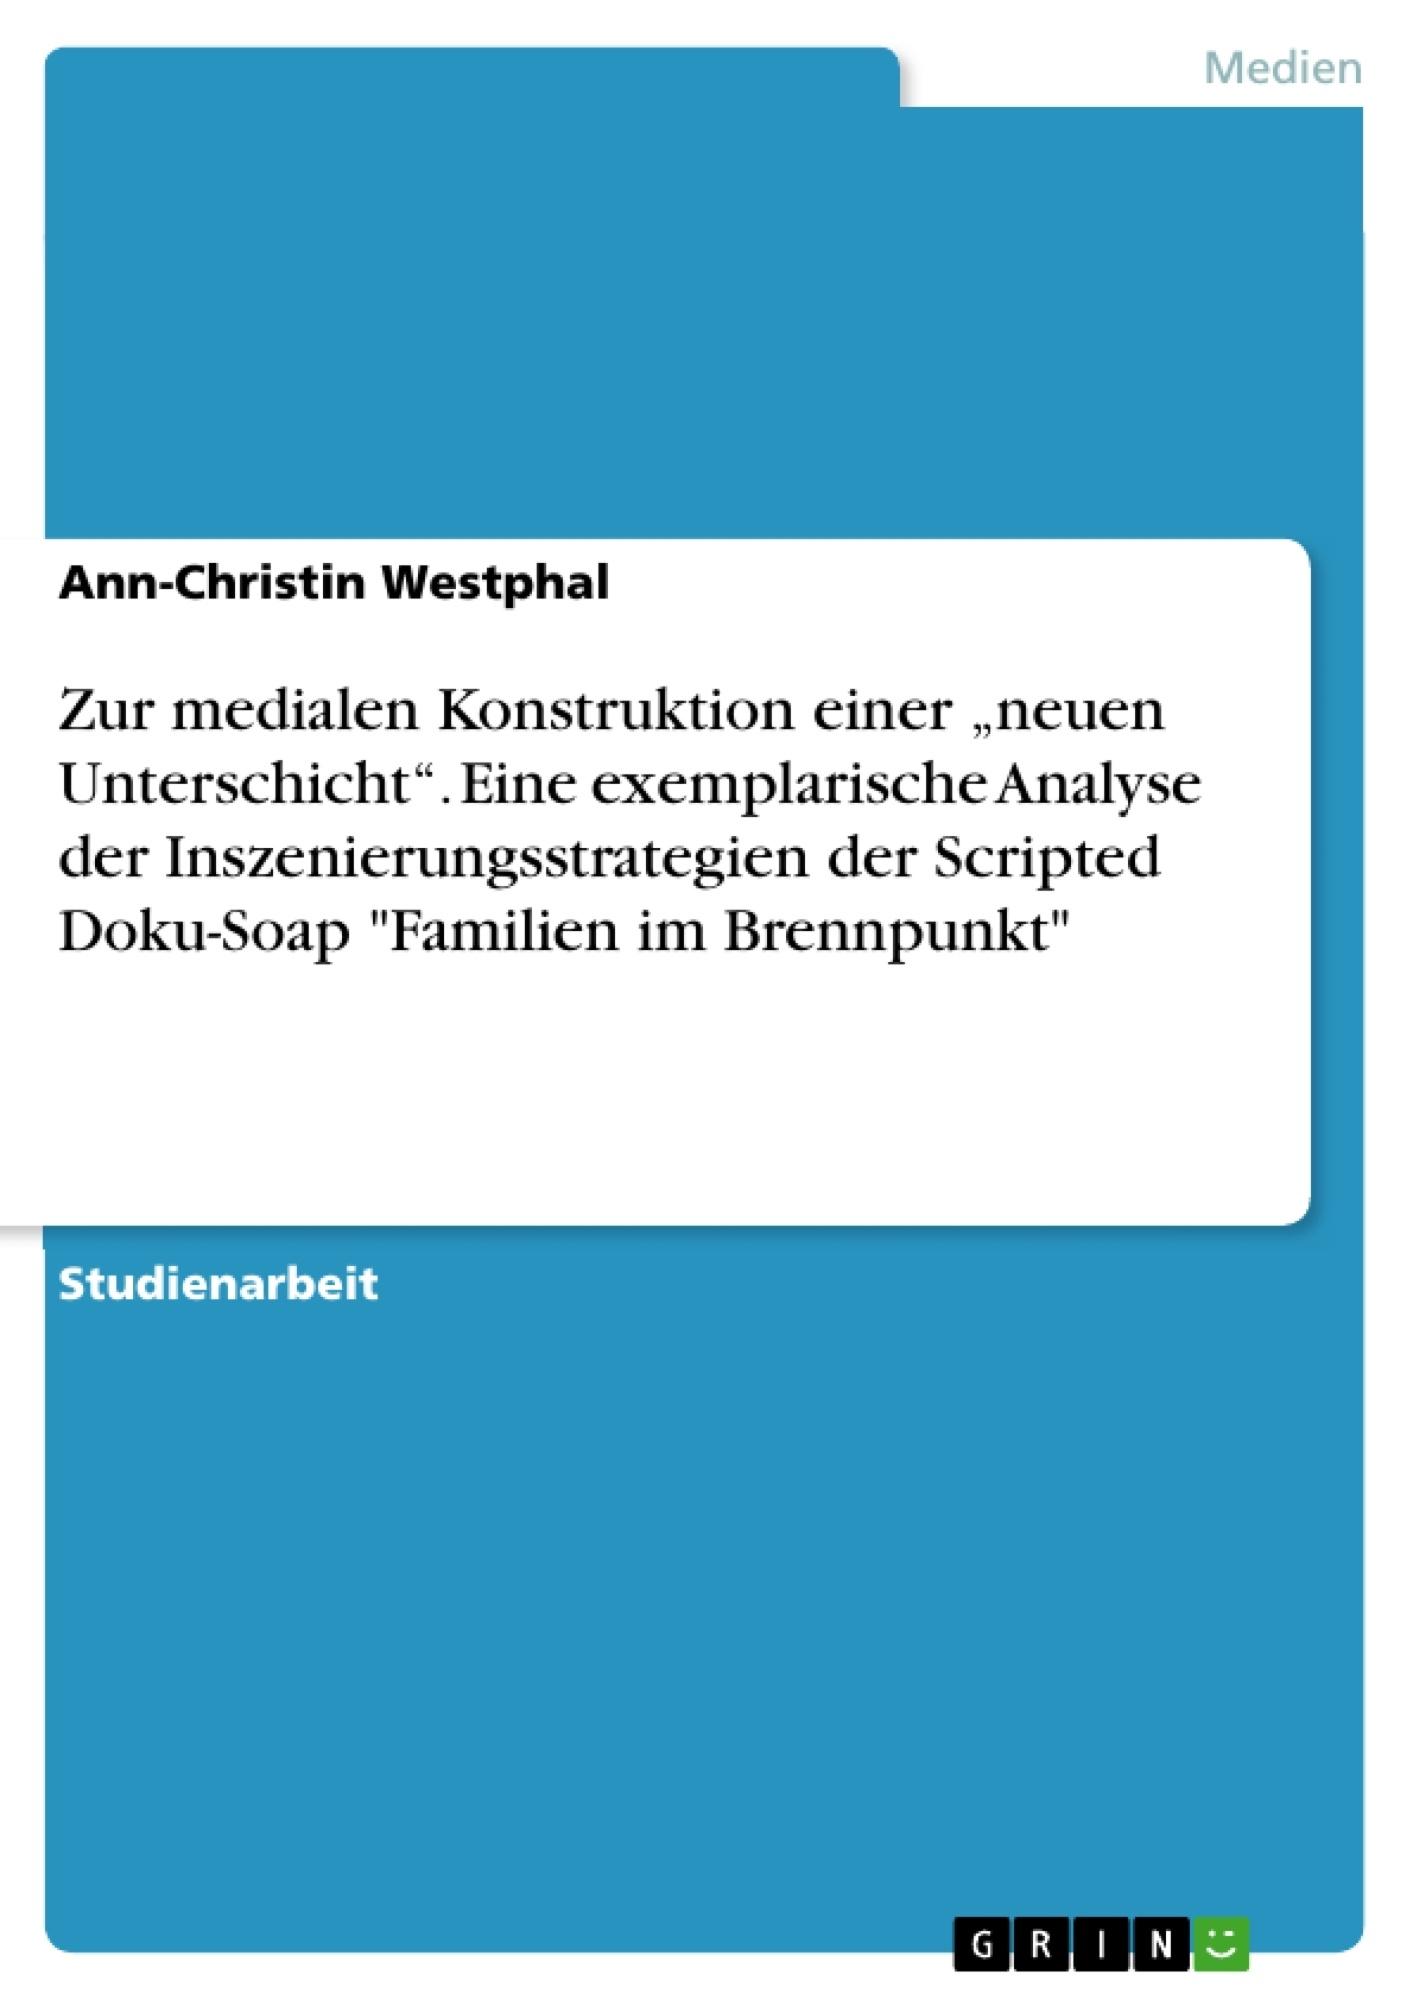 """Titel: Zur medialen Konstruktion einer """"neuen Unterschicht"""". Eine exemplarische Analyse der Inszenierungsstrategien der Scripted Doku-Soap """"Familien im Brennpunkt"""""""